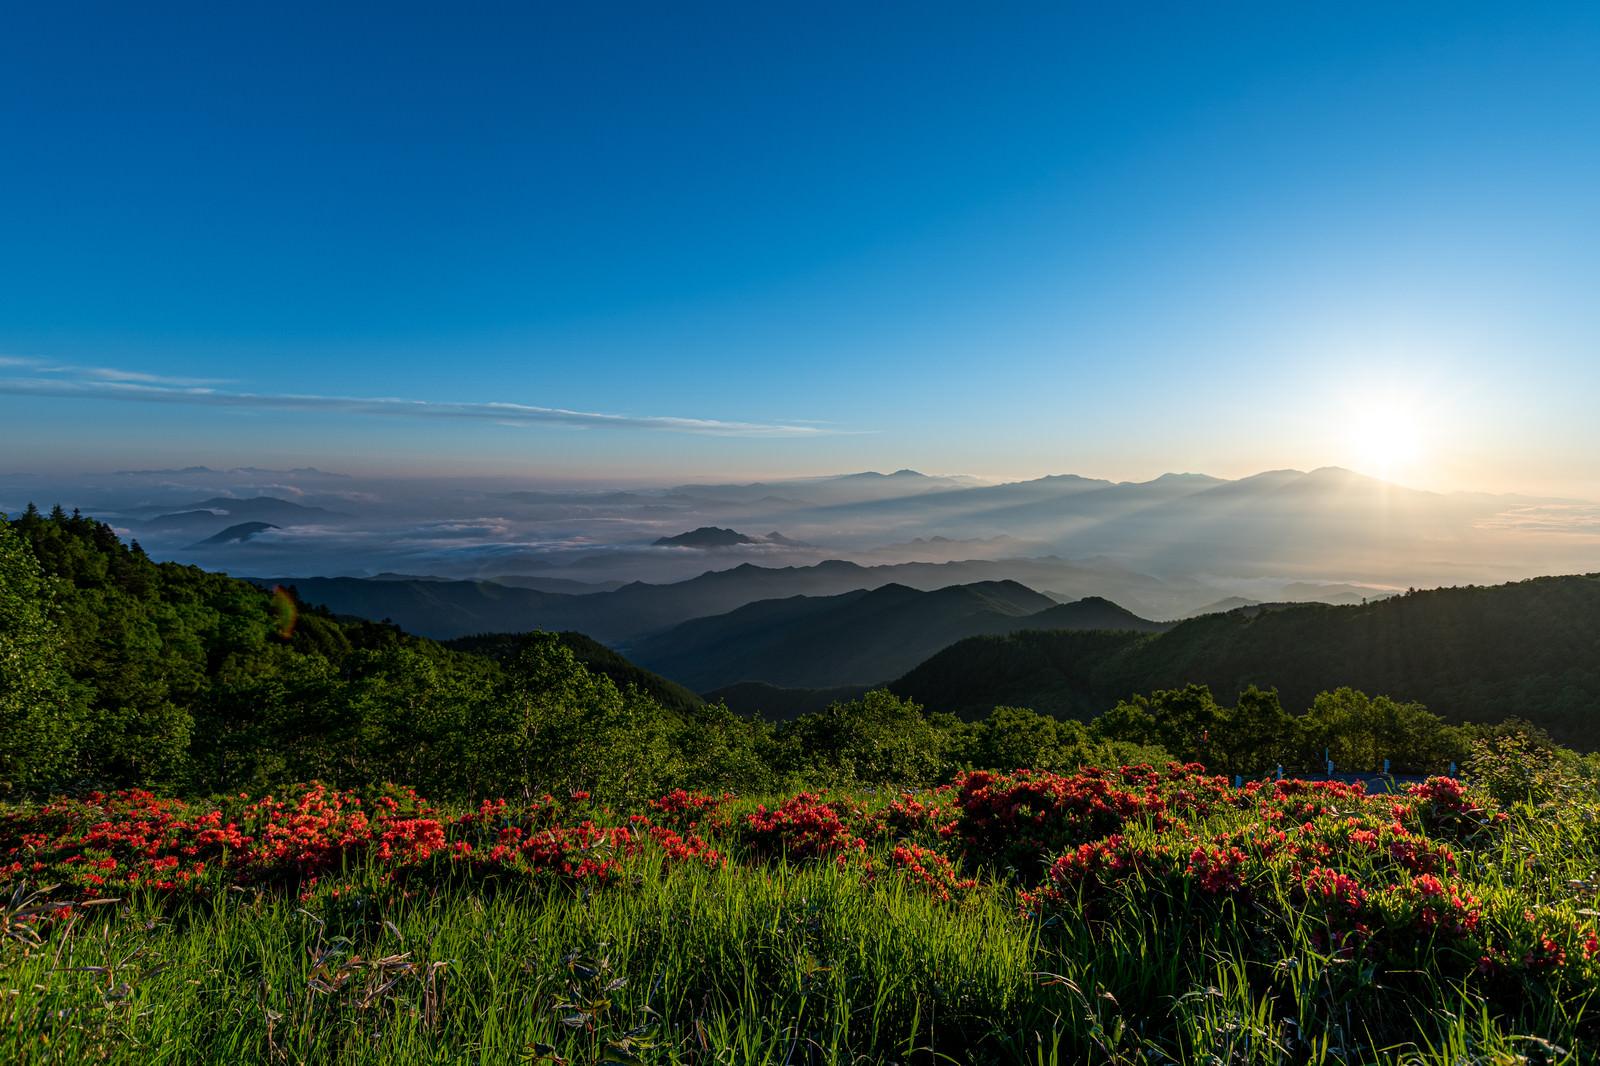 「雲海と山並み」の写真